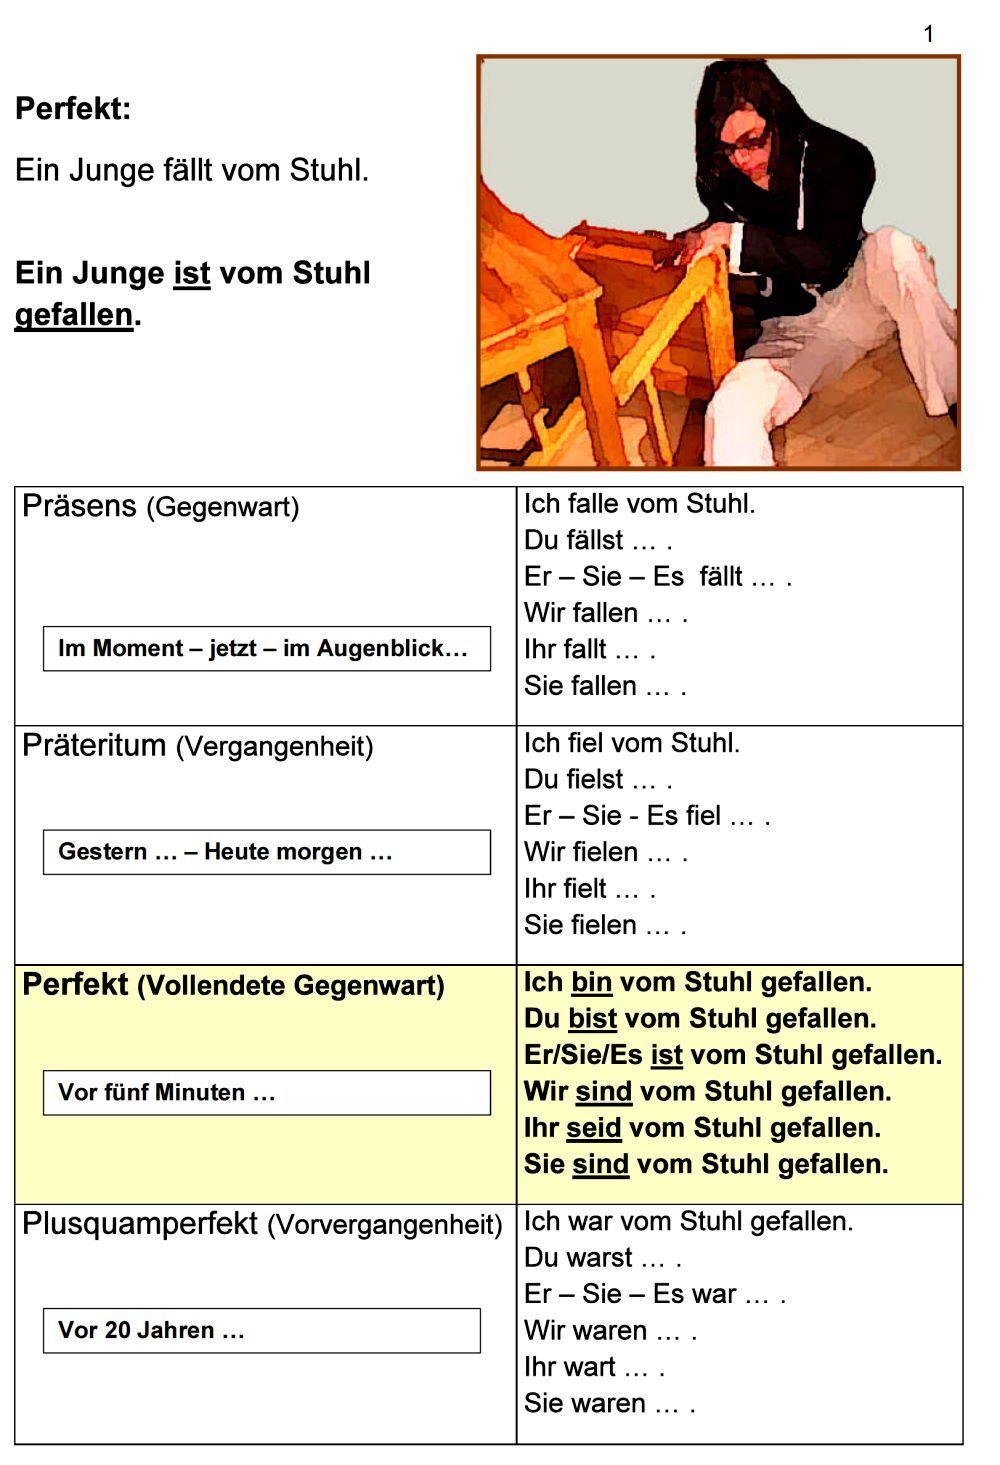 deutsch als fremdsprache daf daz grammatik perfekt schautafeln learn german deutsch. Black Bedroom Furniture Sets. Home Design Ideas